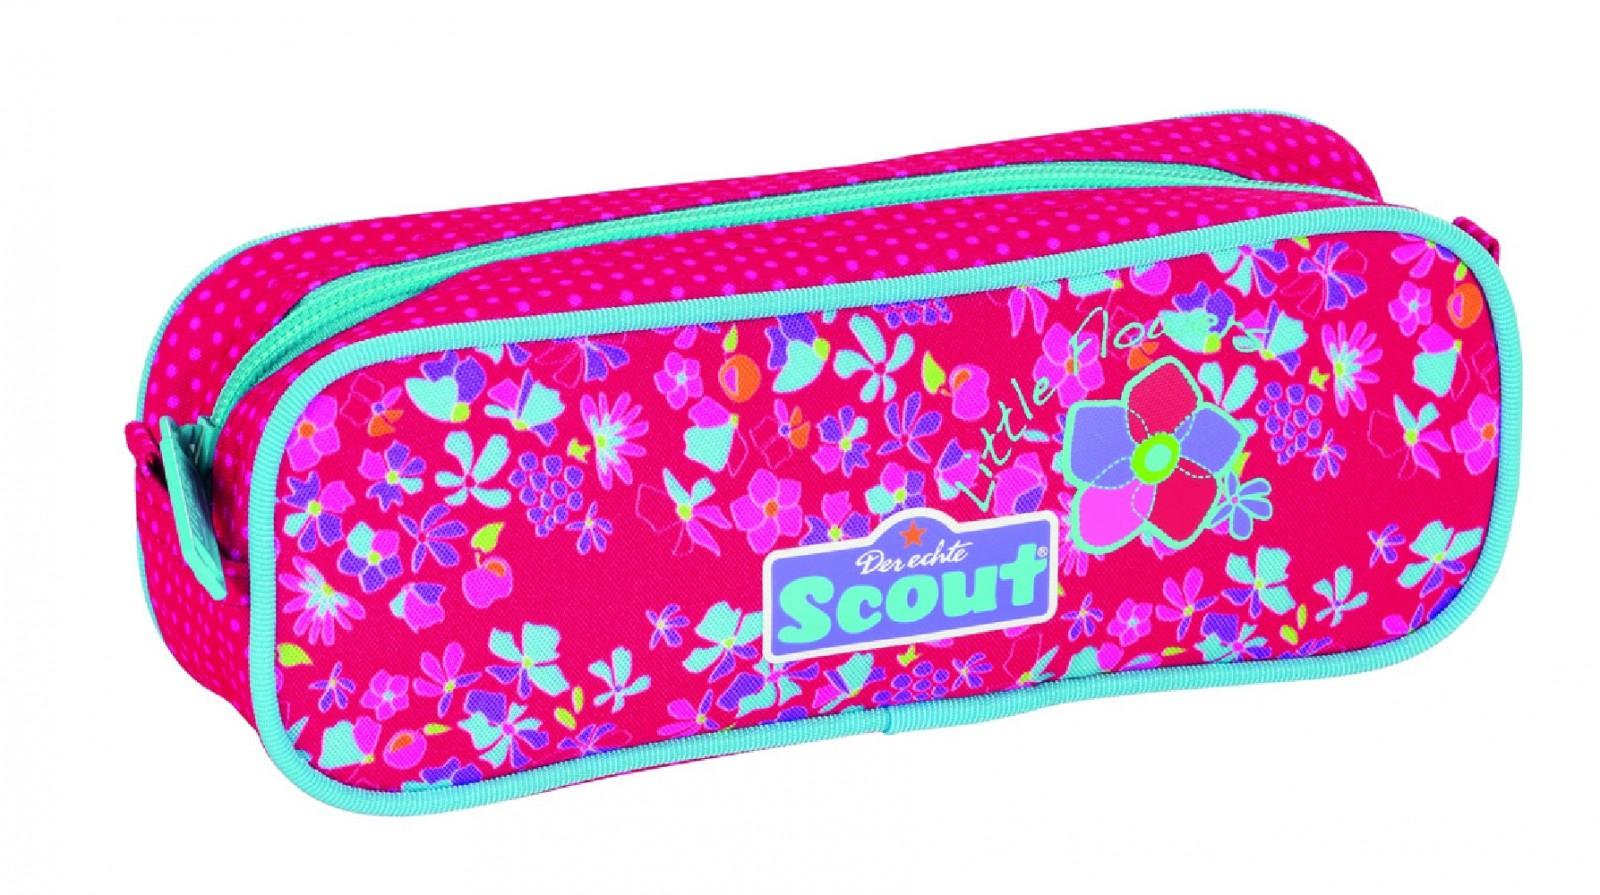 der echte scout pencil case